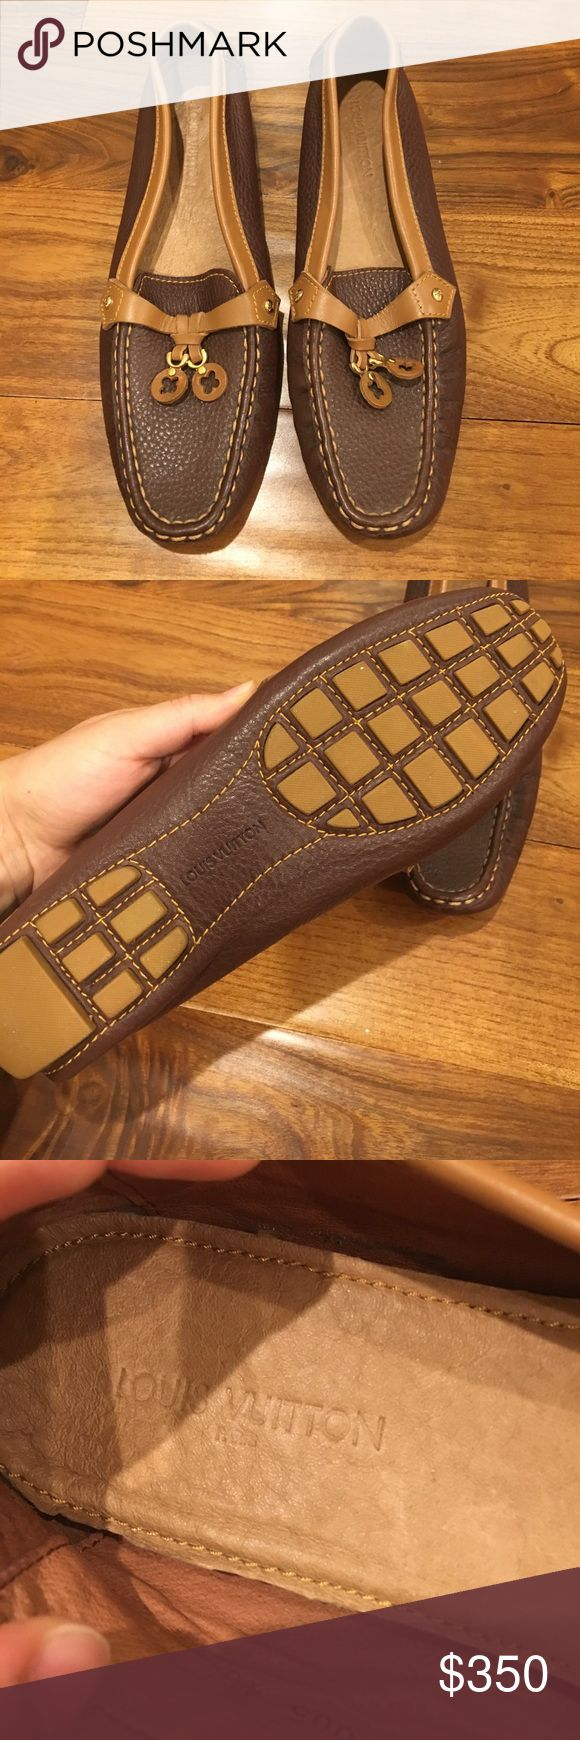 Louis Vuitton Loafers Authentic Louis Vuitton Loafers NEVER WORN!! Louis Vuitton Shoes Flats & Loafers